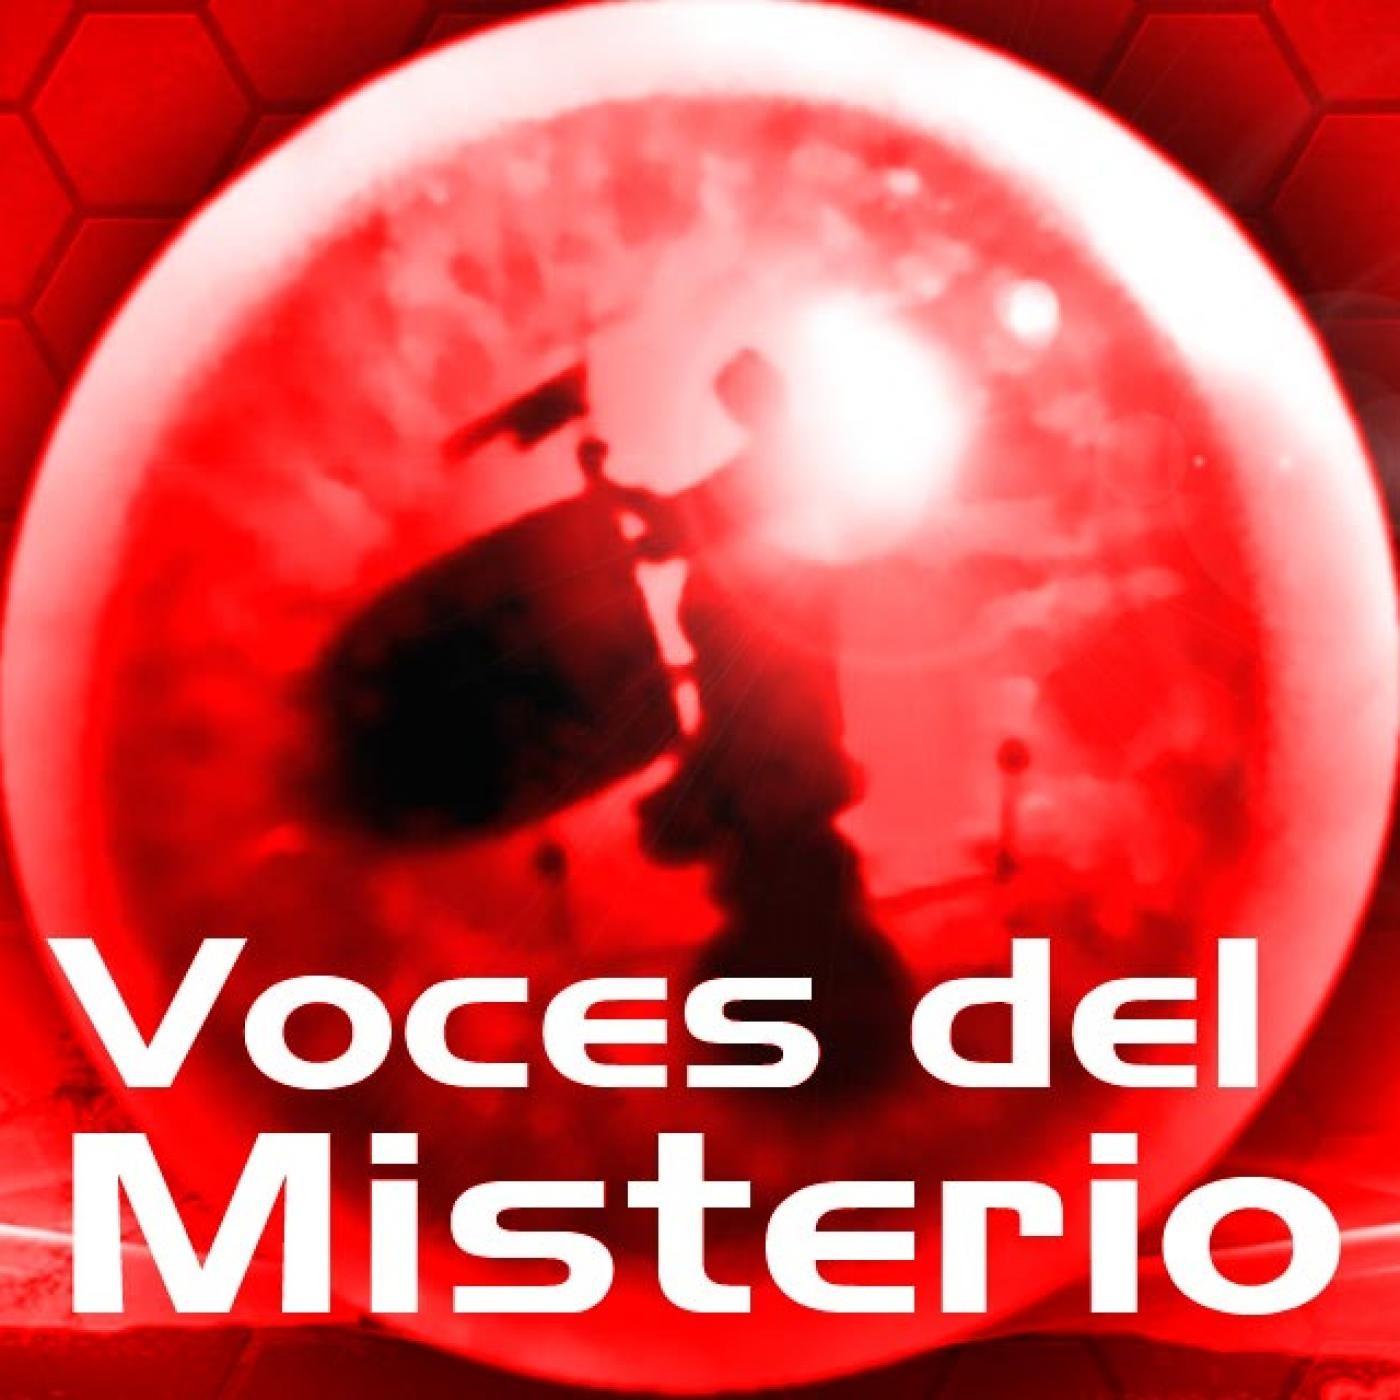 Voces del Misterio ESPECIAL: LEYENDAS DE SEVILLA, Código Oculto